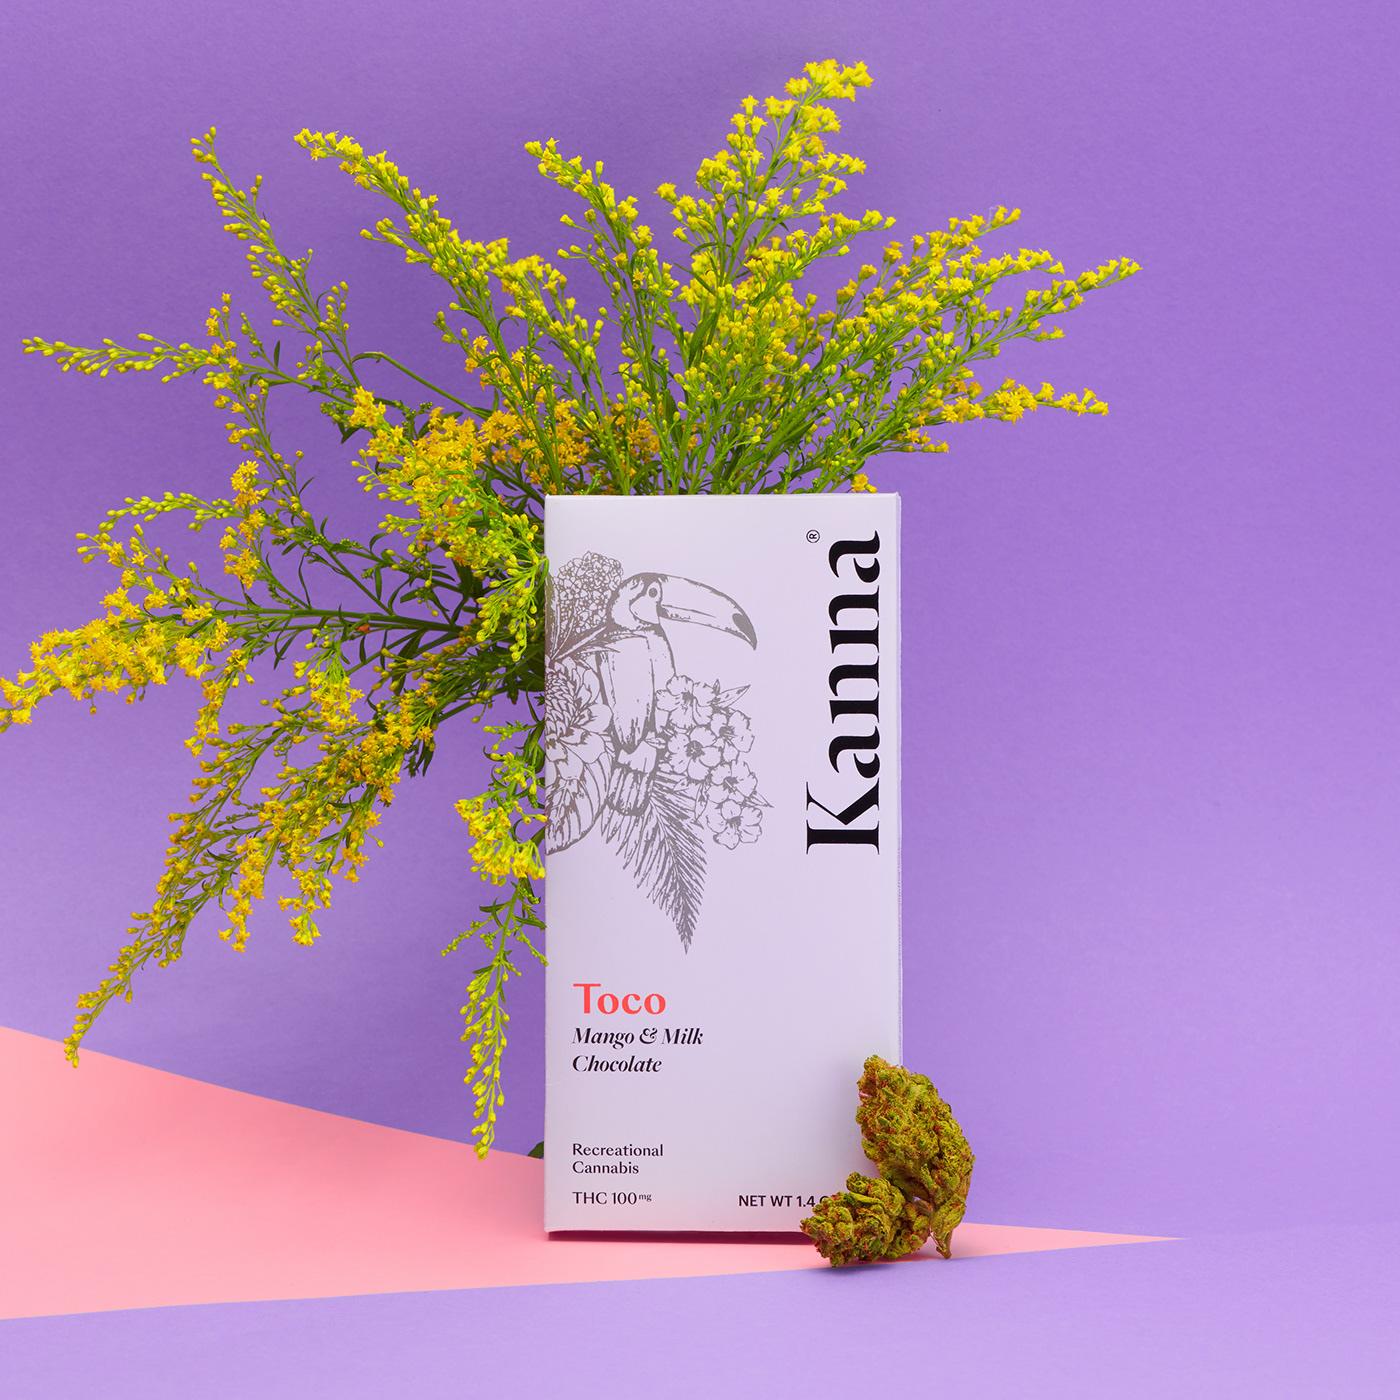 cannabis,packaging design,weed,romantic,Cannabis Packaging,cannabis packaging design,recreational cannabis,vaporwave,Package designer,adobeawards